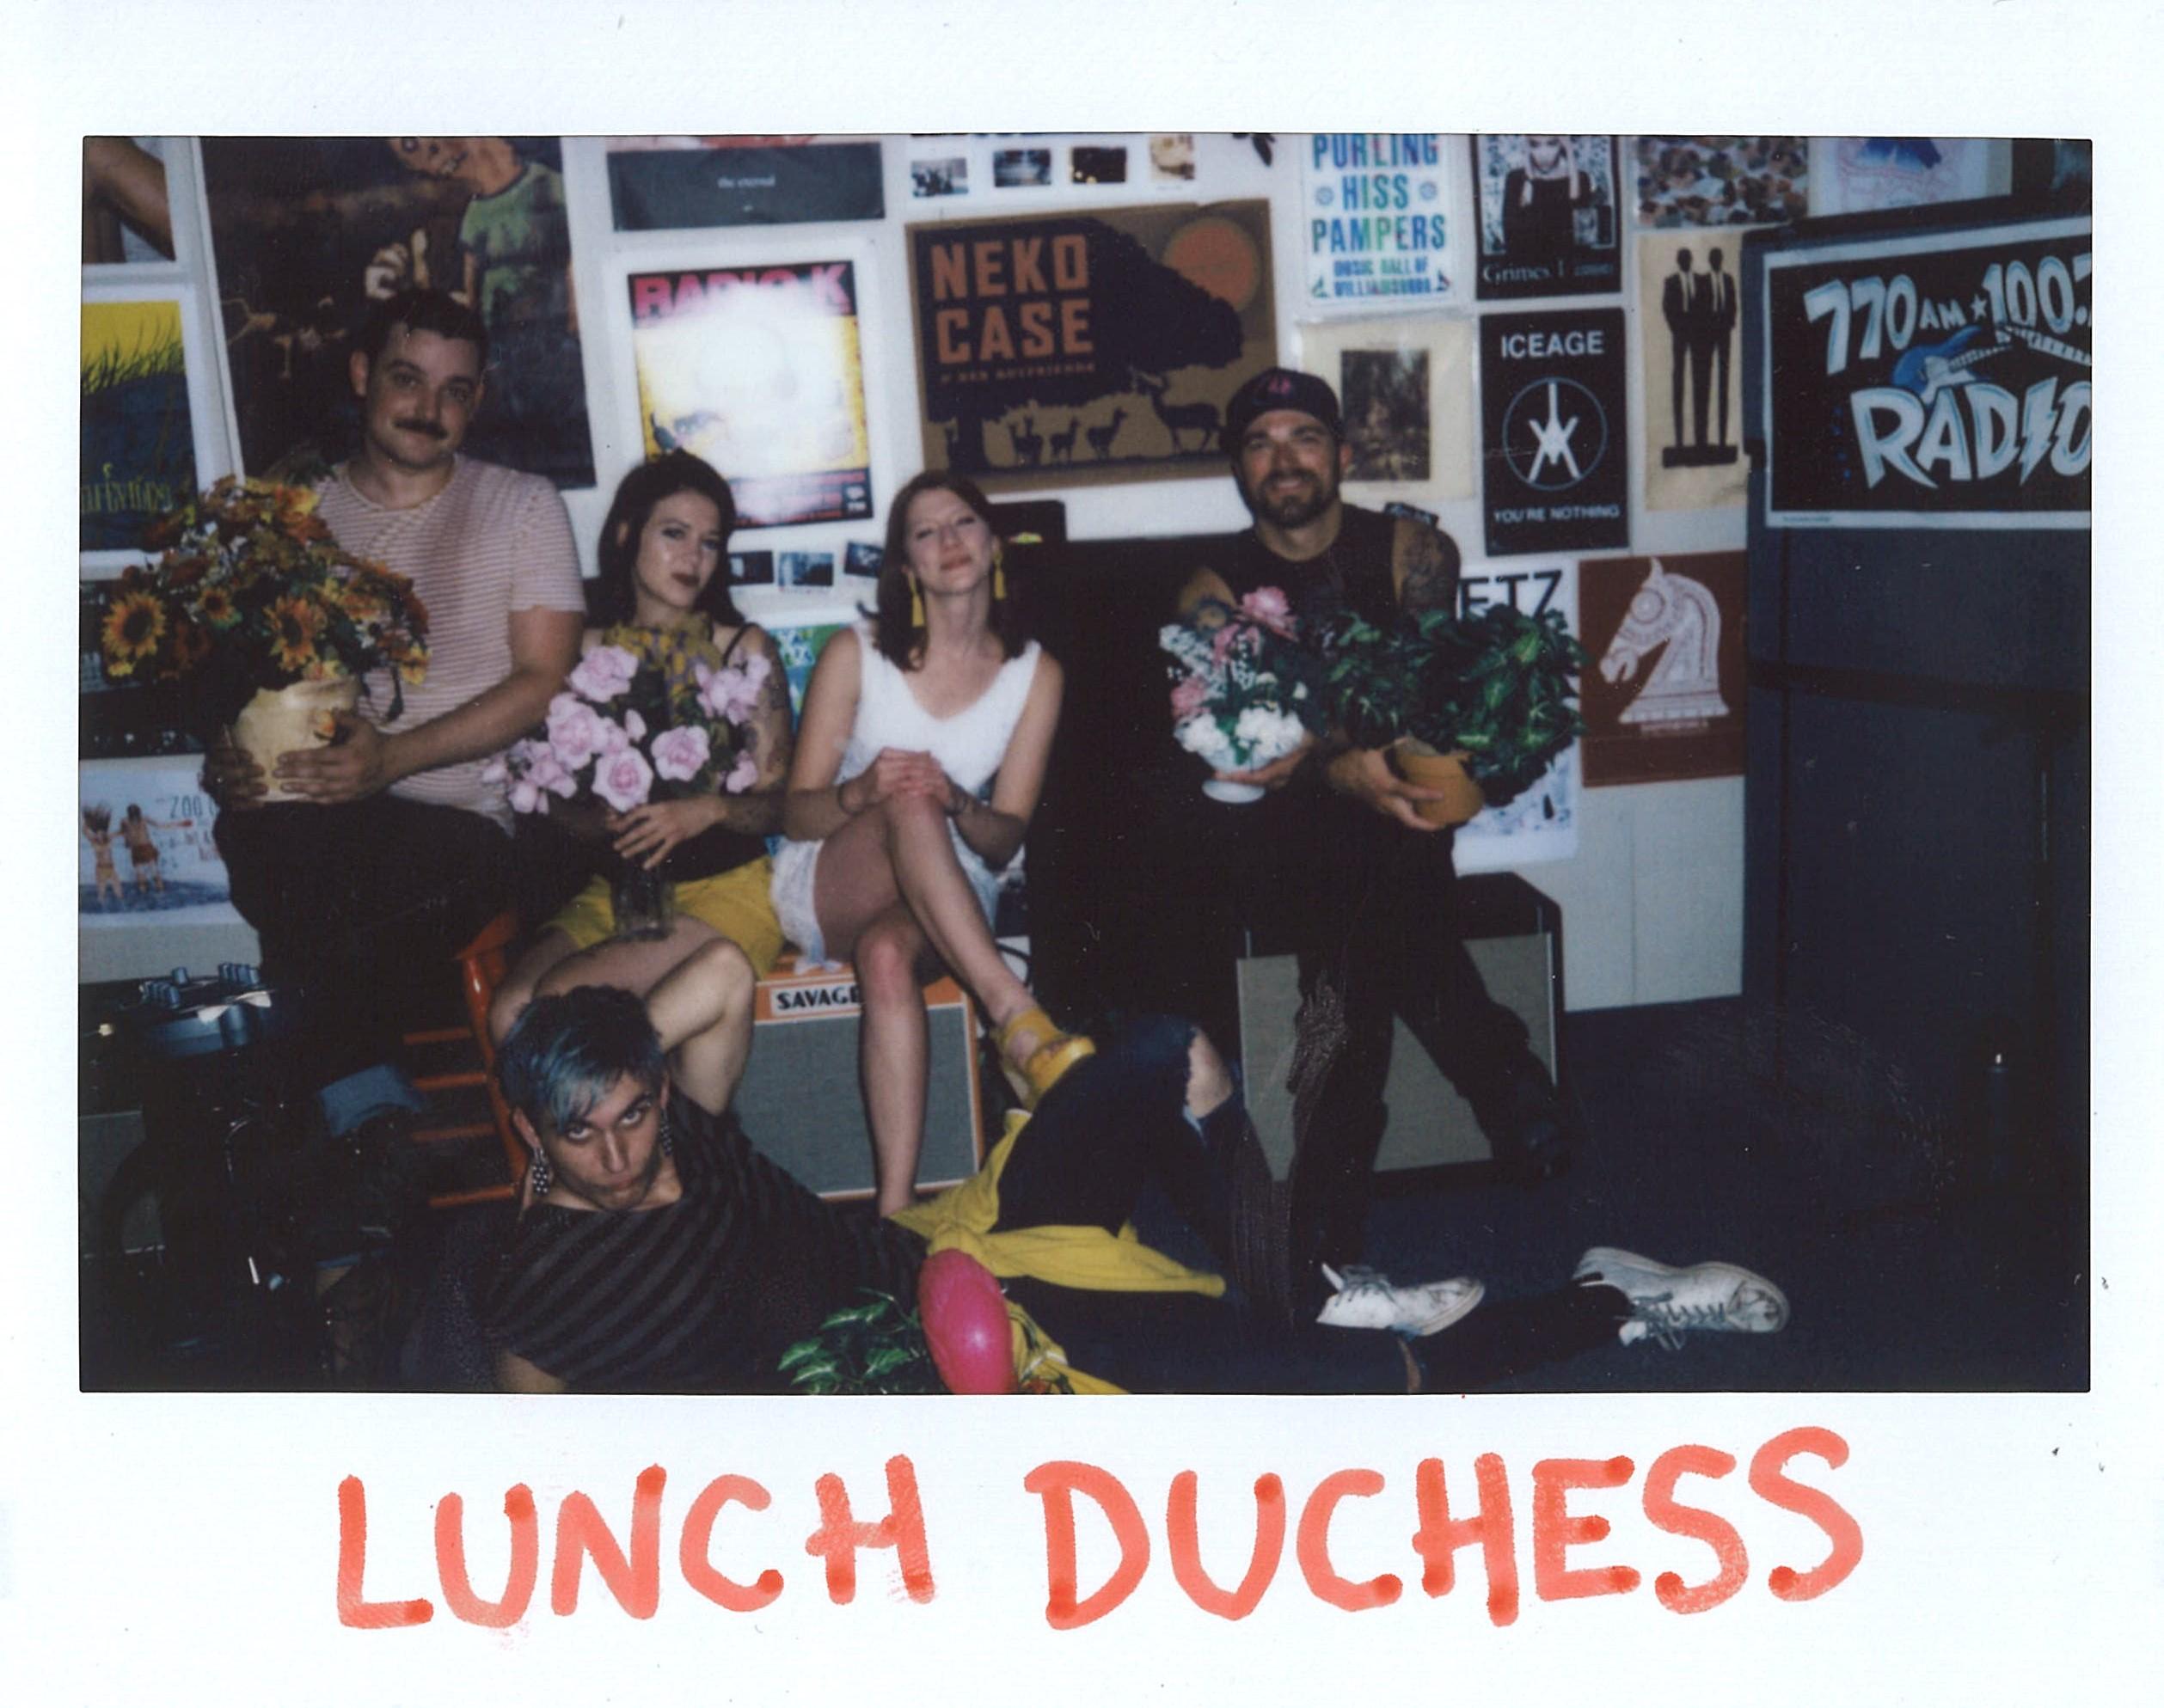 Lunch Duchess